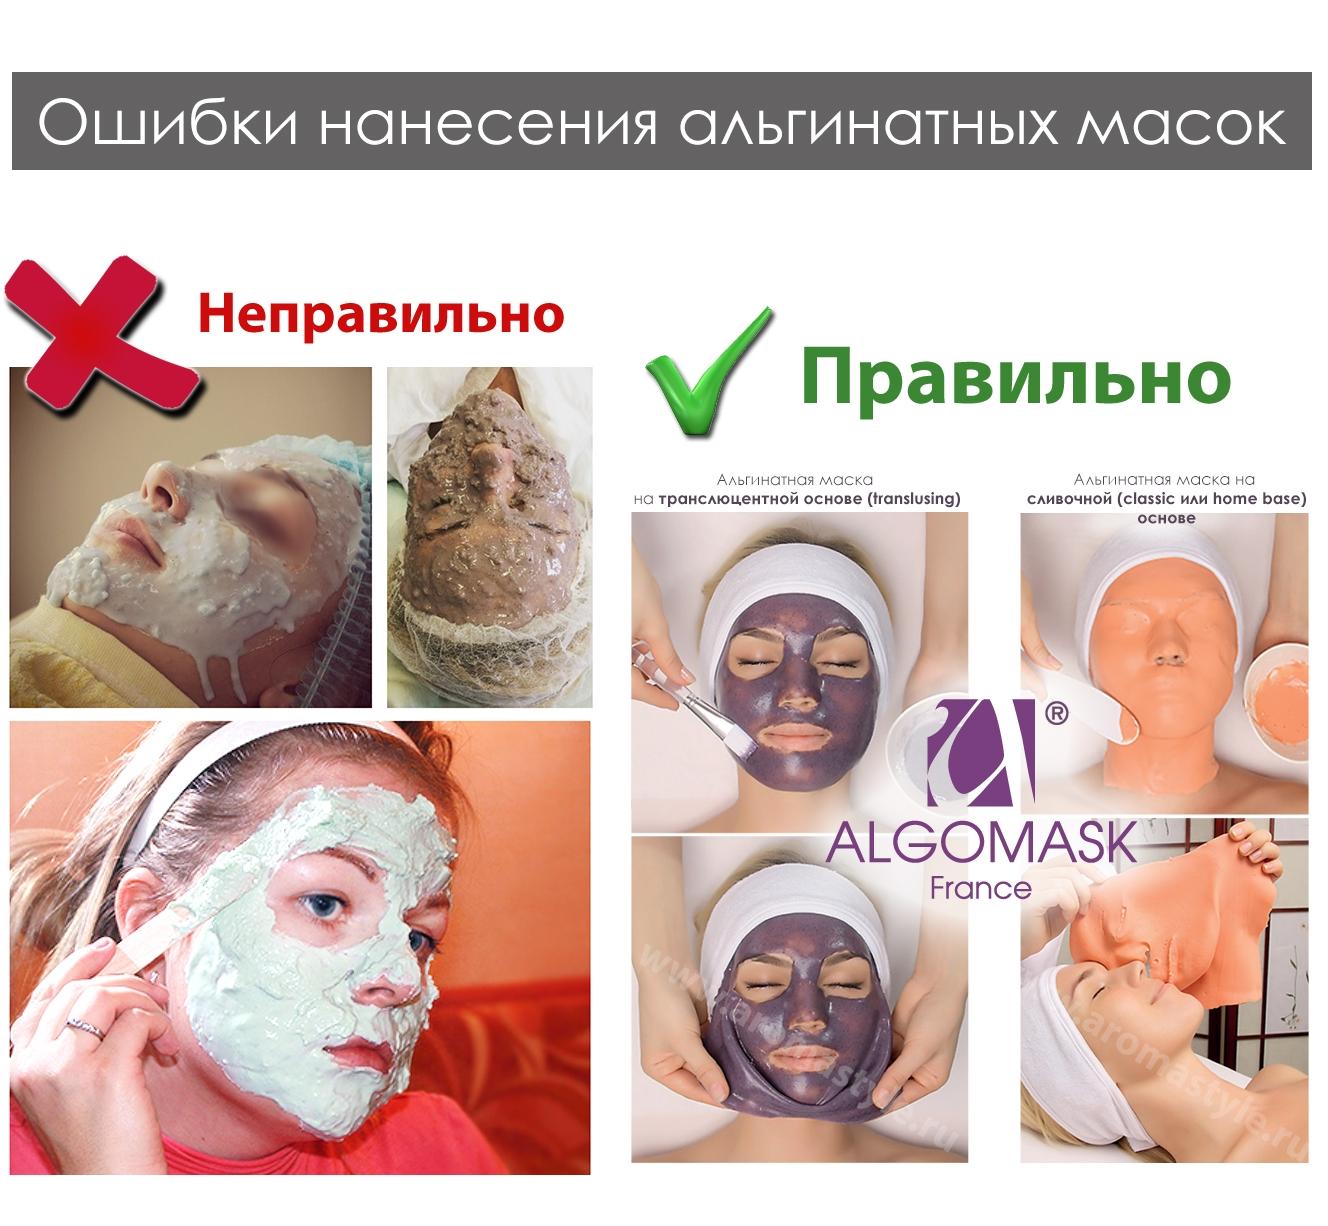 Арома-Стайл-20. Базовые и эфирные масла, цветочные тоники, альгинатные маски, химические пилинги, пептиды, стволовые клетки, низкомолекулярная гиалуроновая кислота, мезороллеры. Наука на охране Вашей красоты!